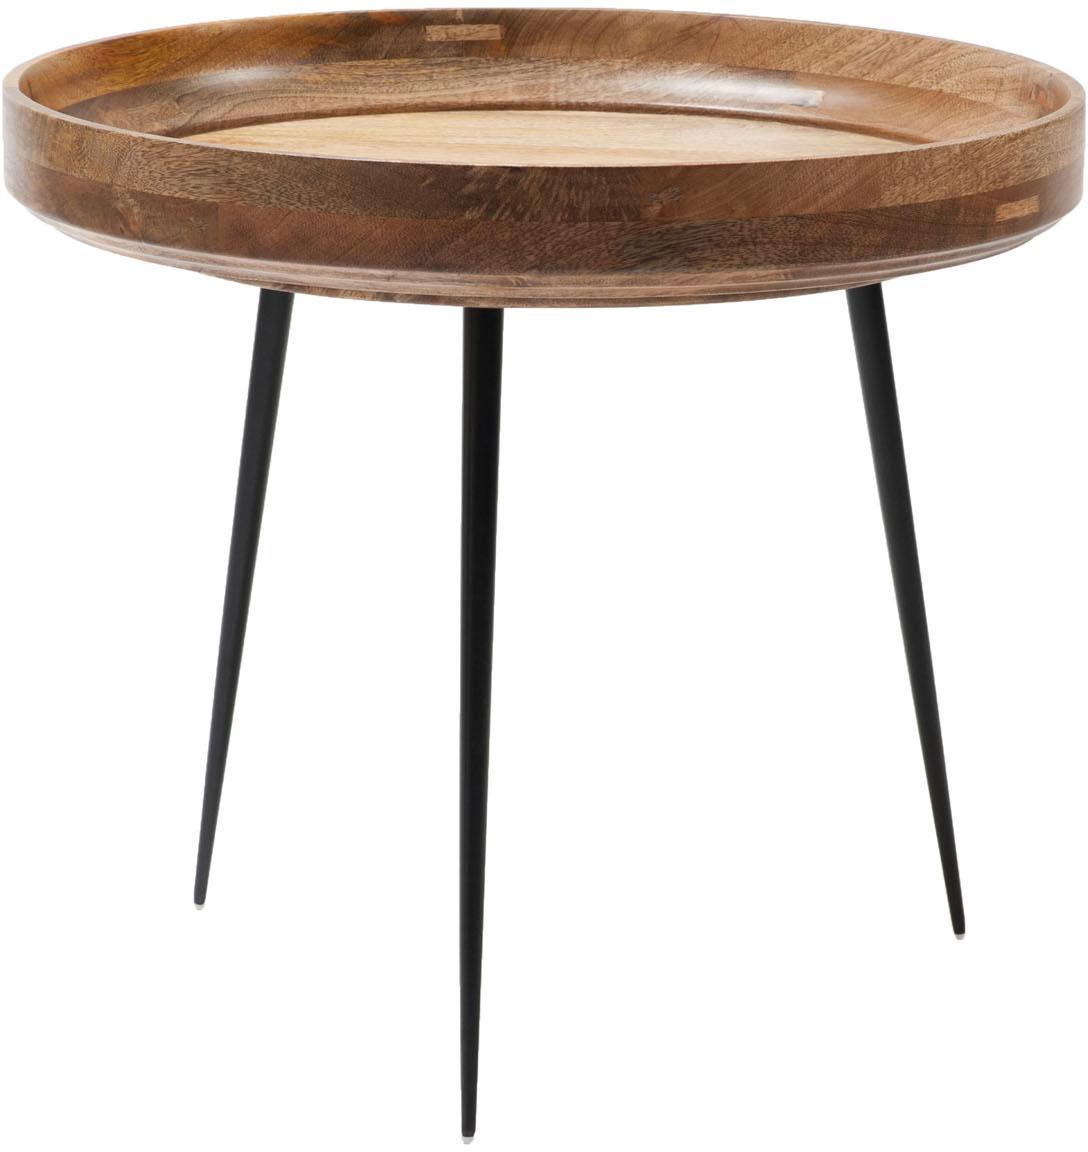 Tavolino di design in legno di mango Bowl Table, Piano d'appoggio: legno di mango, verniciat, Gambe: acciaio, verniciato a pol, Legno di mango, nero, Ø 53 x Alt. 46 cm